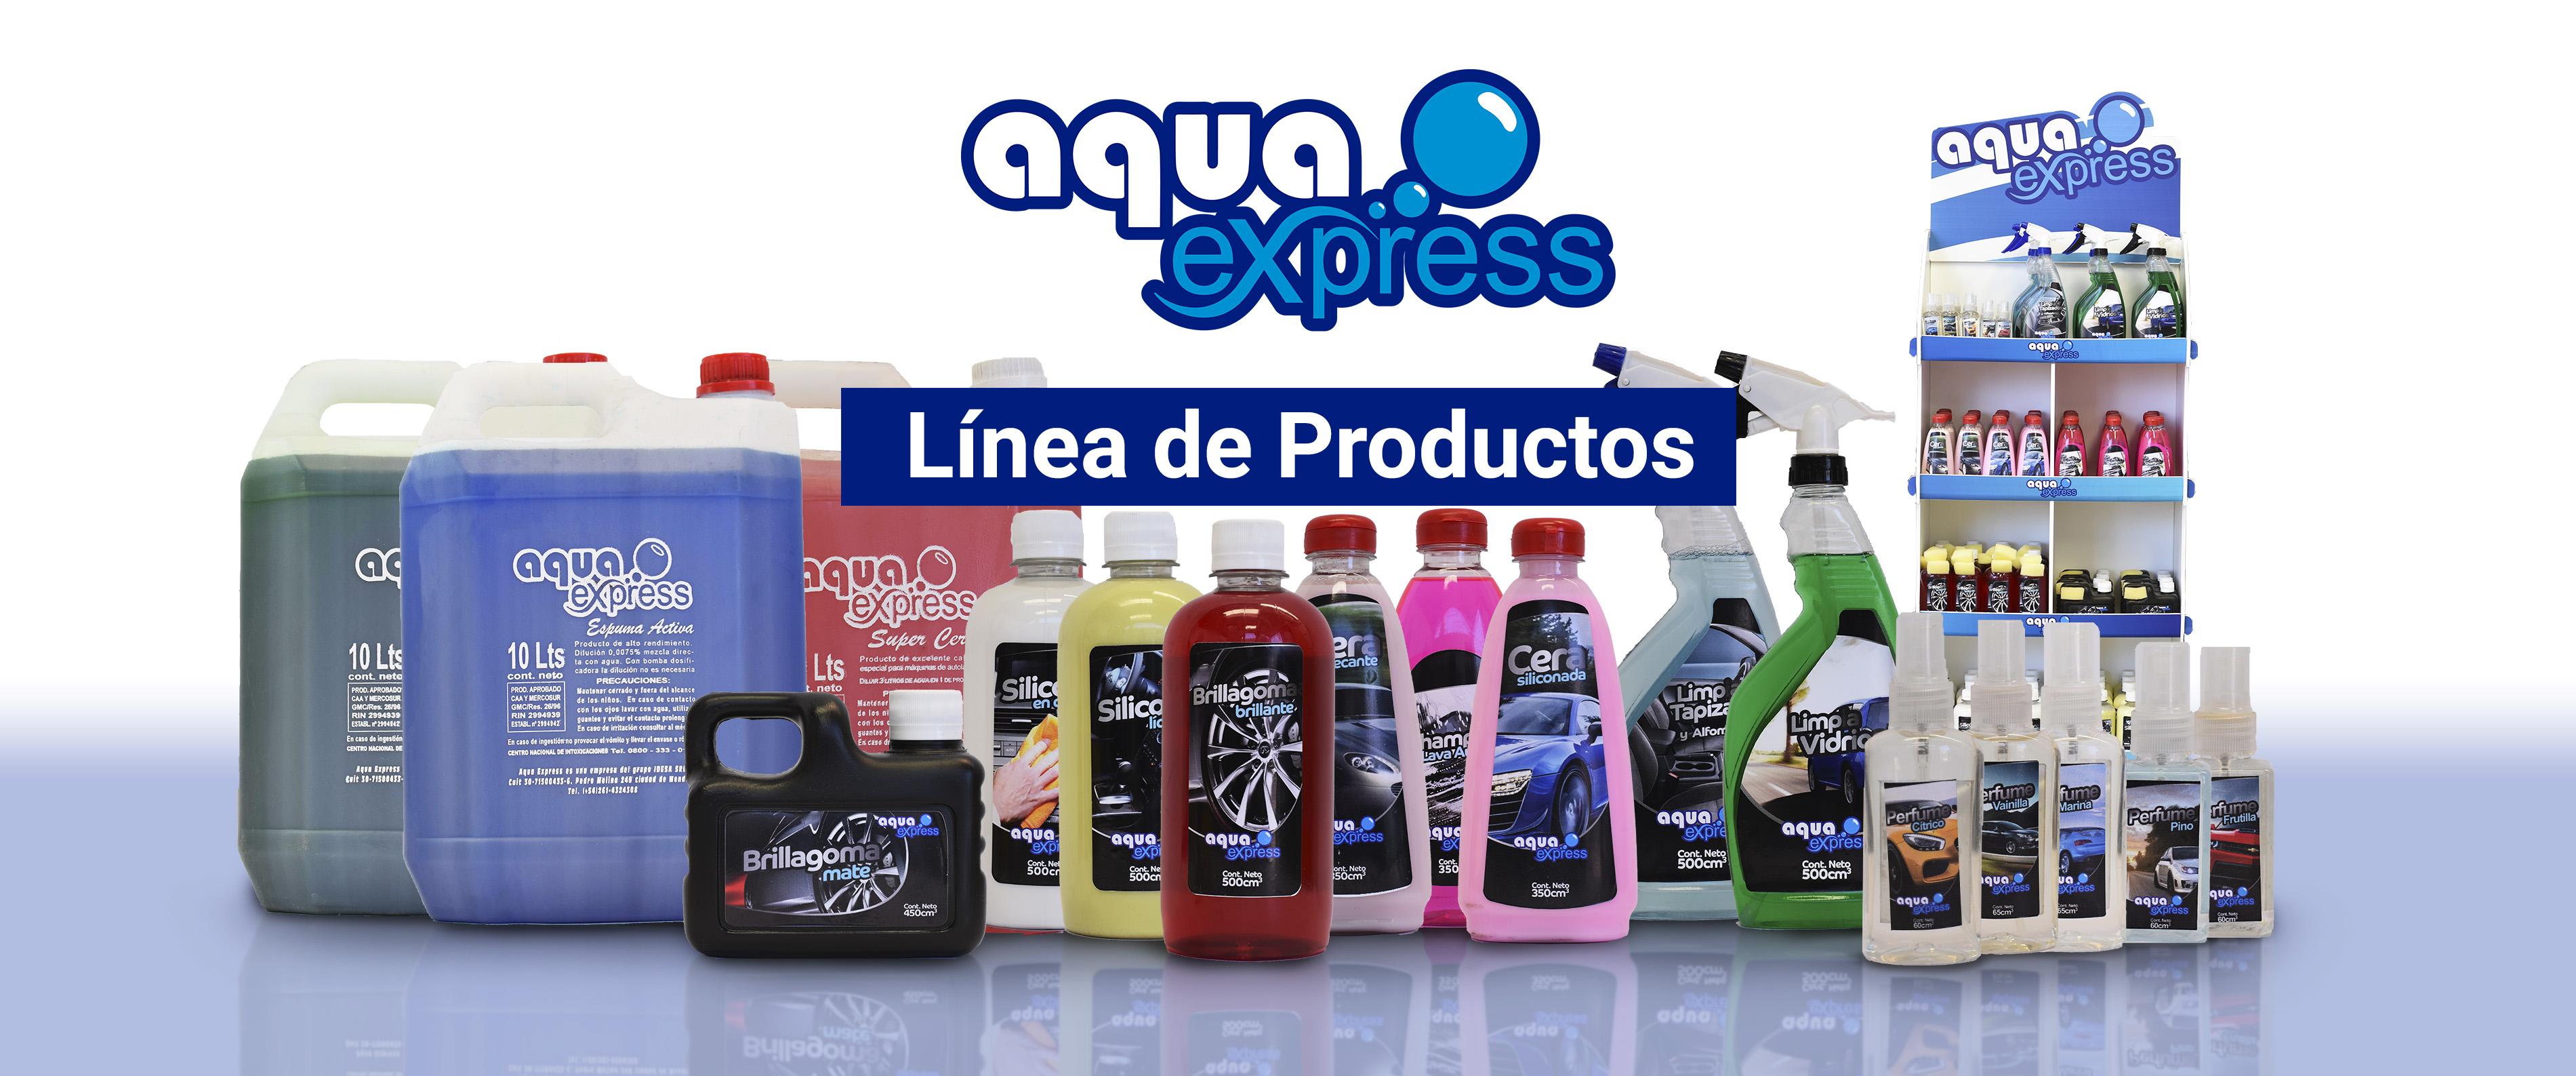 Productso Aqua Express